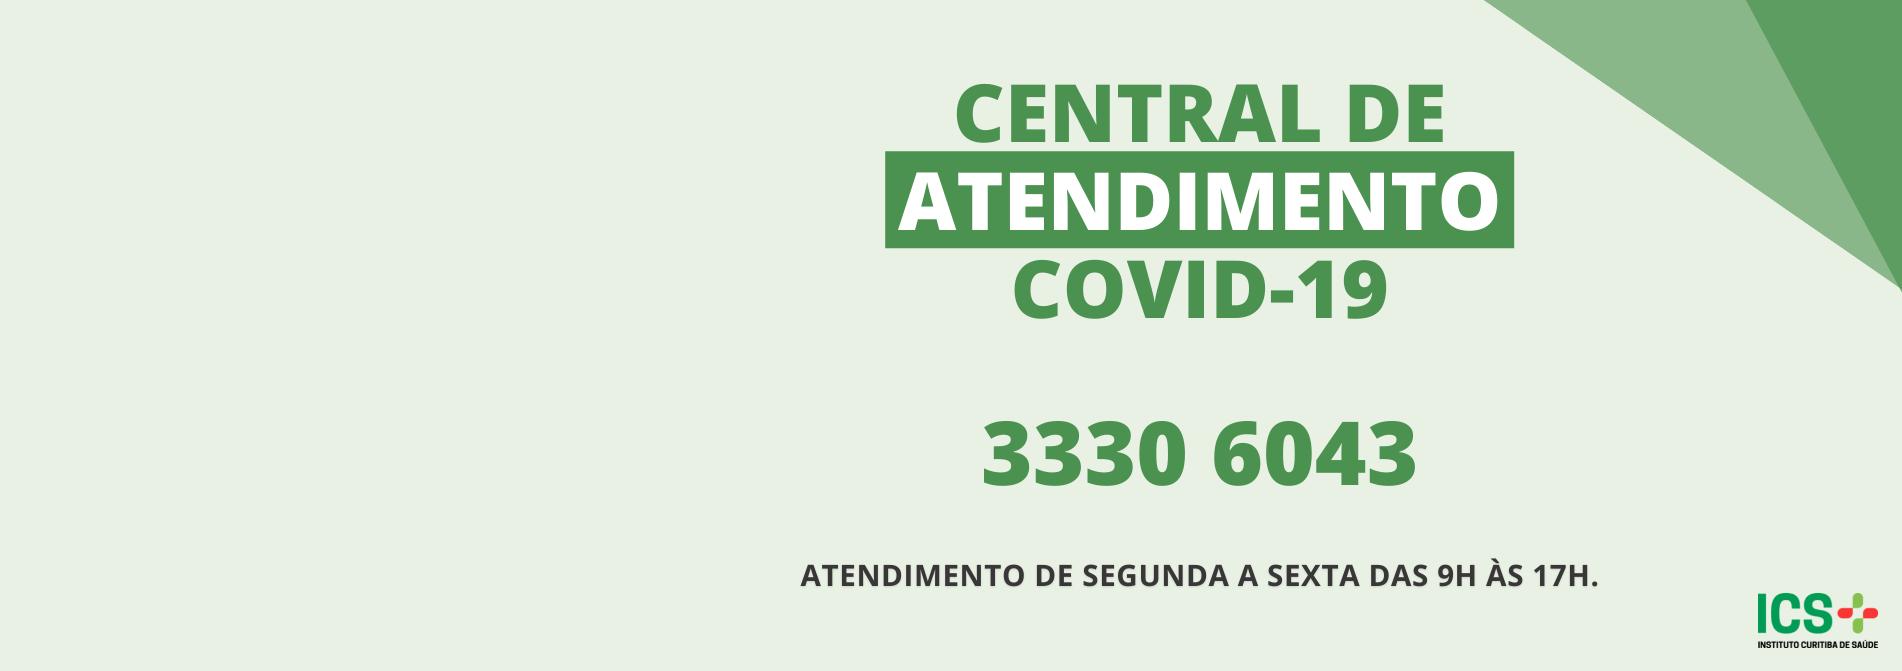 Call Center Médico